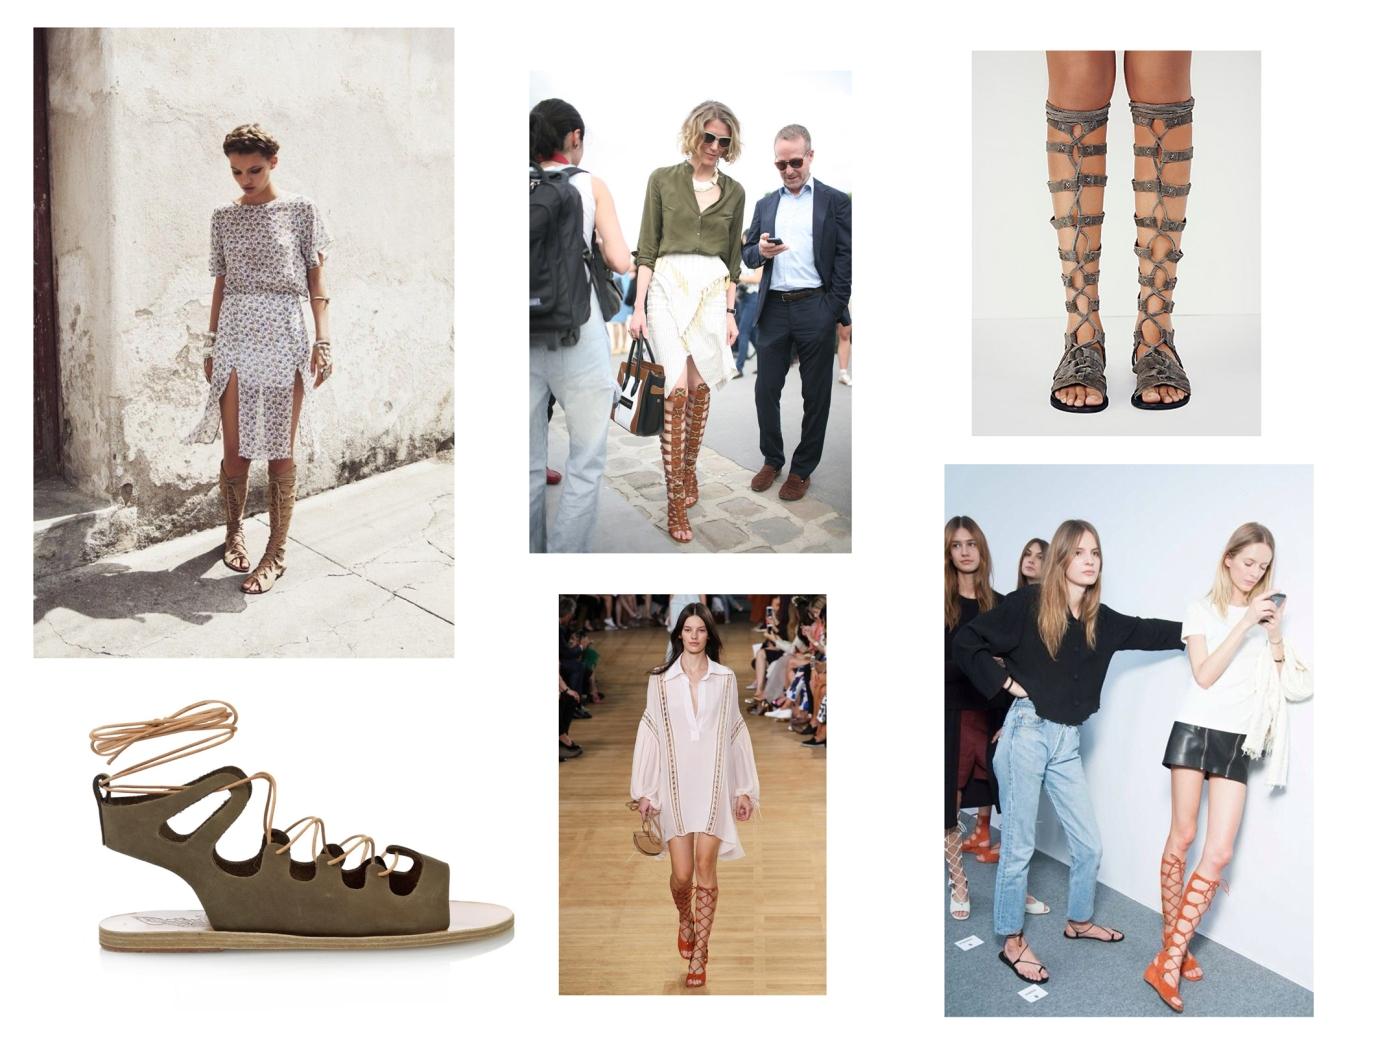 greek-sandals-